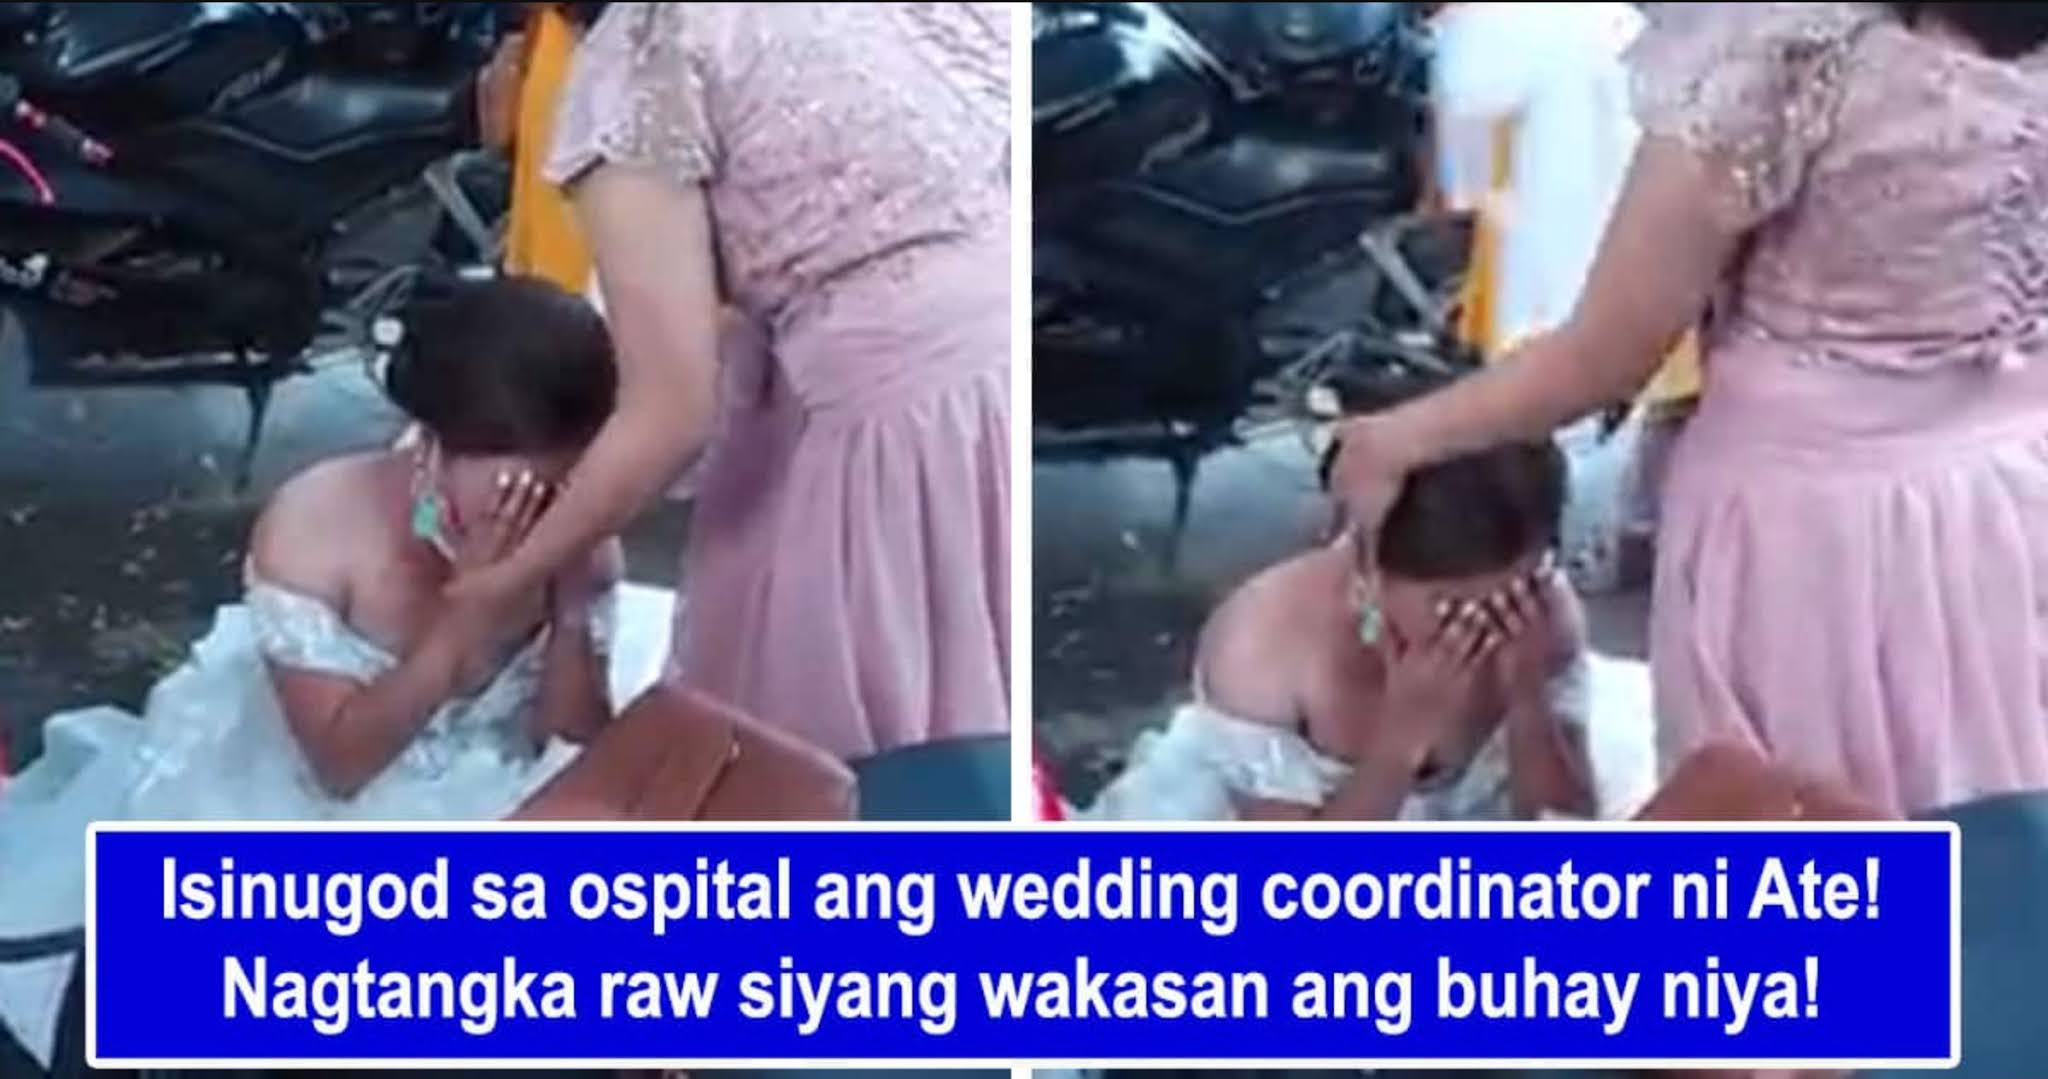 Wedding coordinator ng bride na humagulgol sa labas ng reception area, isinugod sa ospital